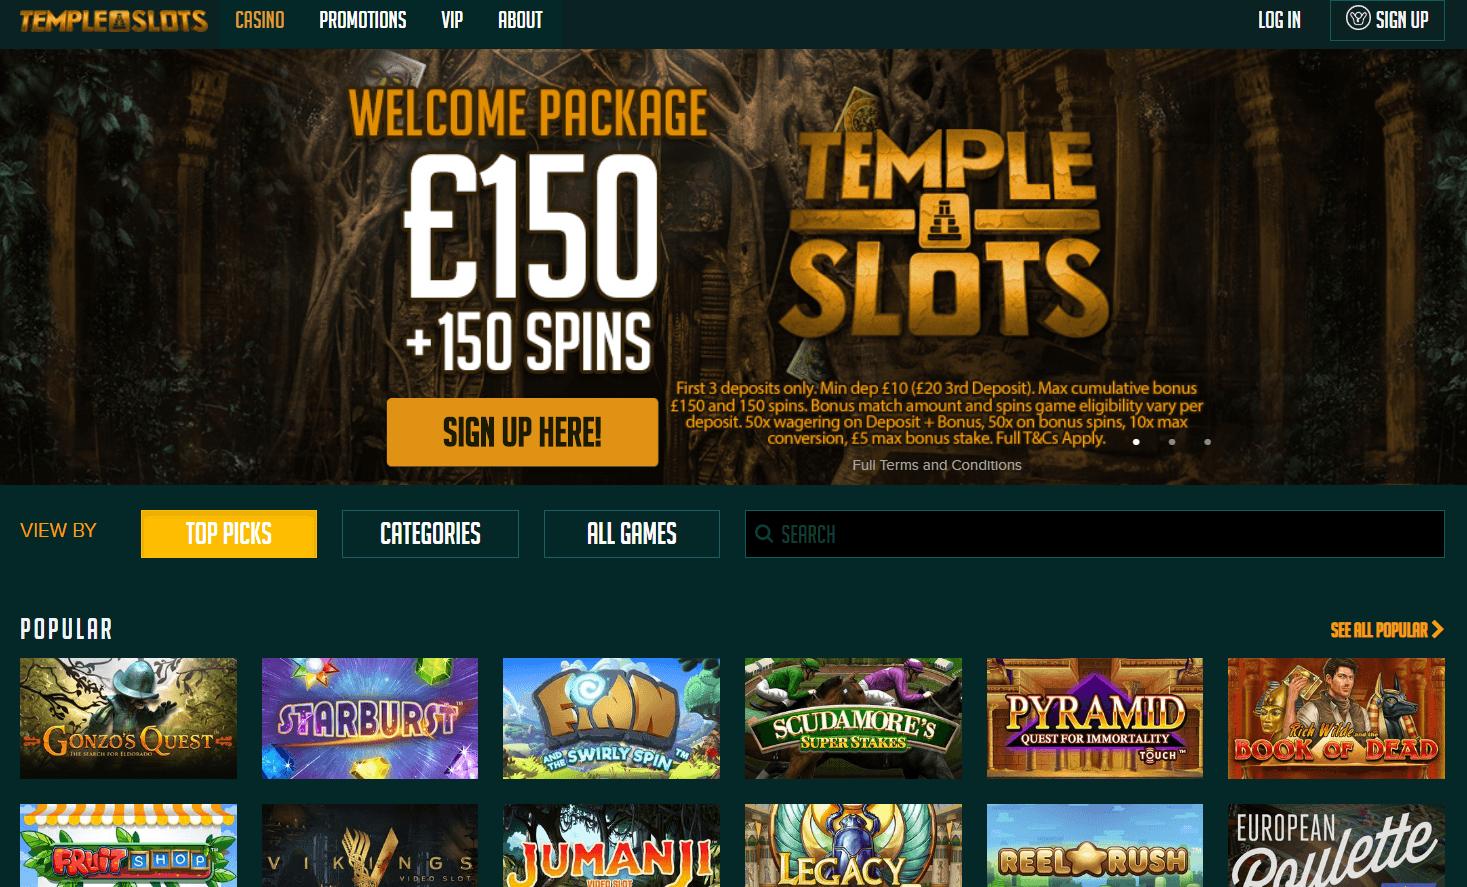 temple slots homepage